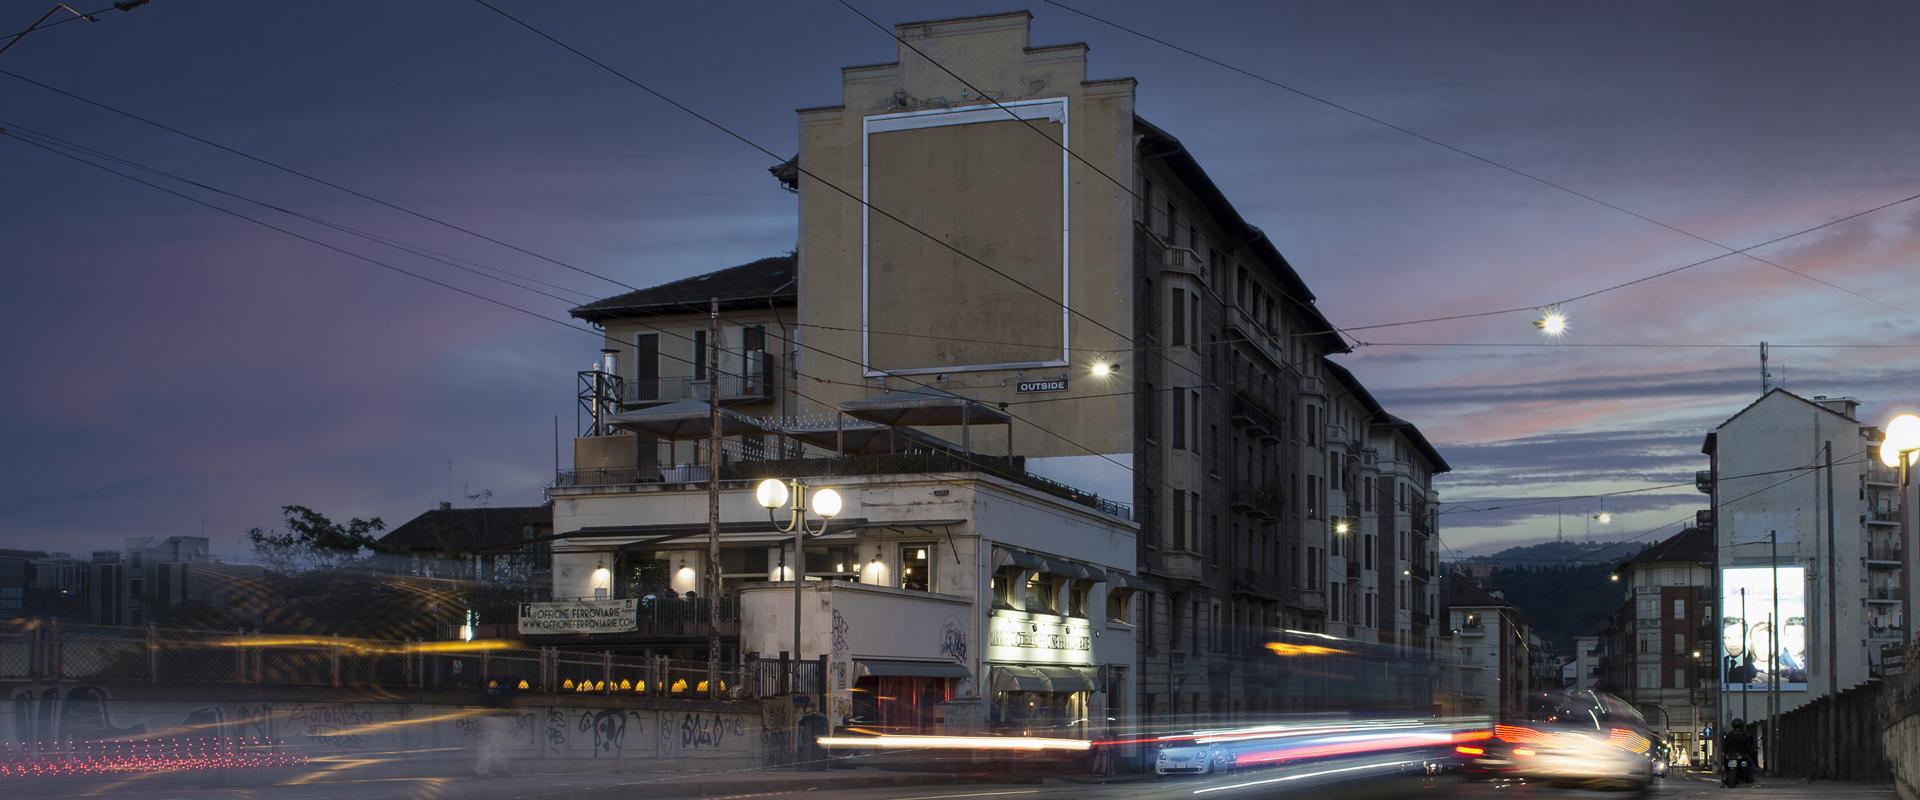 La versione a tesata di COMPASS è stata progettata per illuminare strade urbane di maggiori dimensioni, incroci e svincoli cittadini.